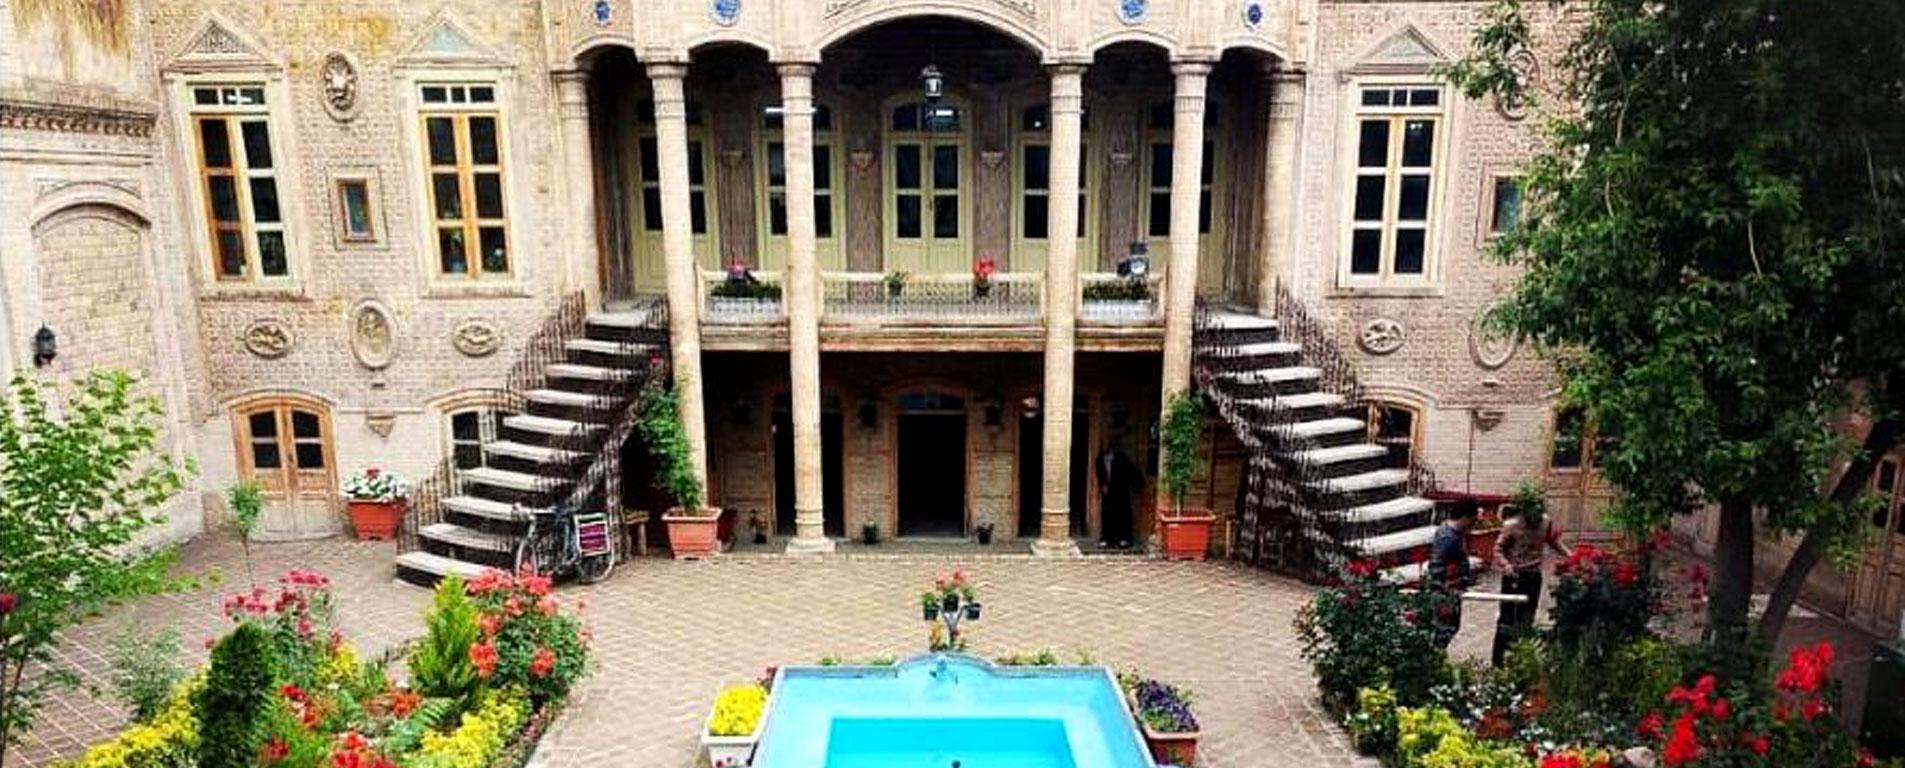 خانه های تاریخی مشهد ، نمایش هویت در پایتخت معنوی ایران